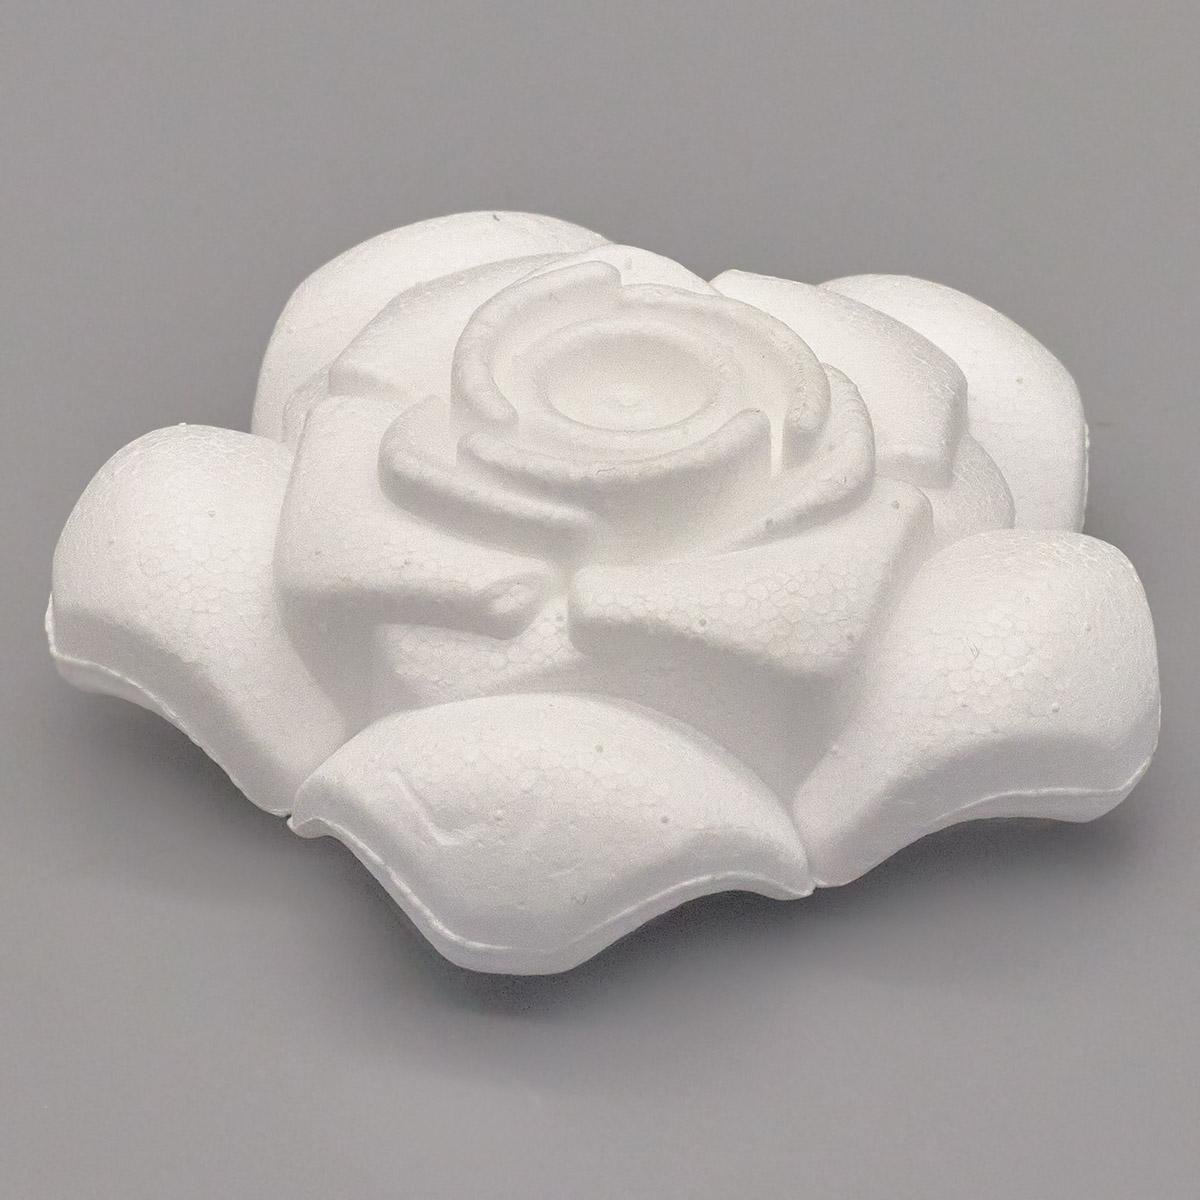 Заготовка для декорирования из пенопласта 'Роза'